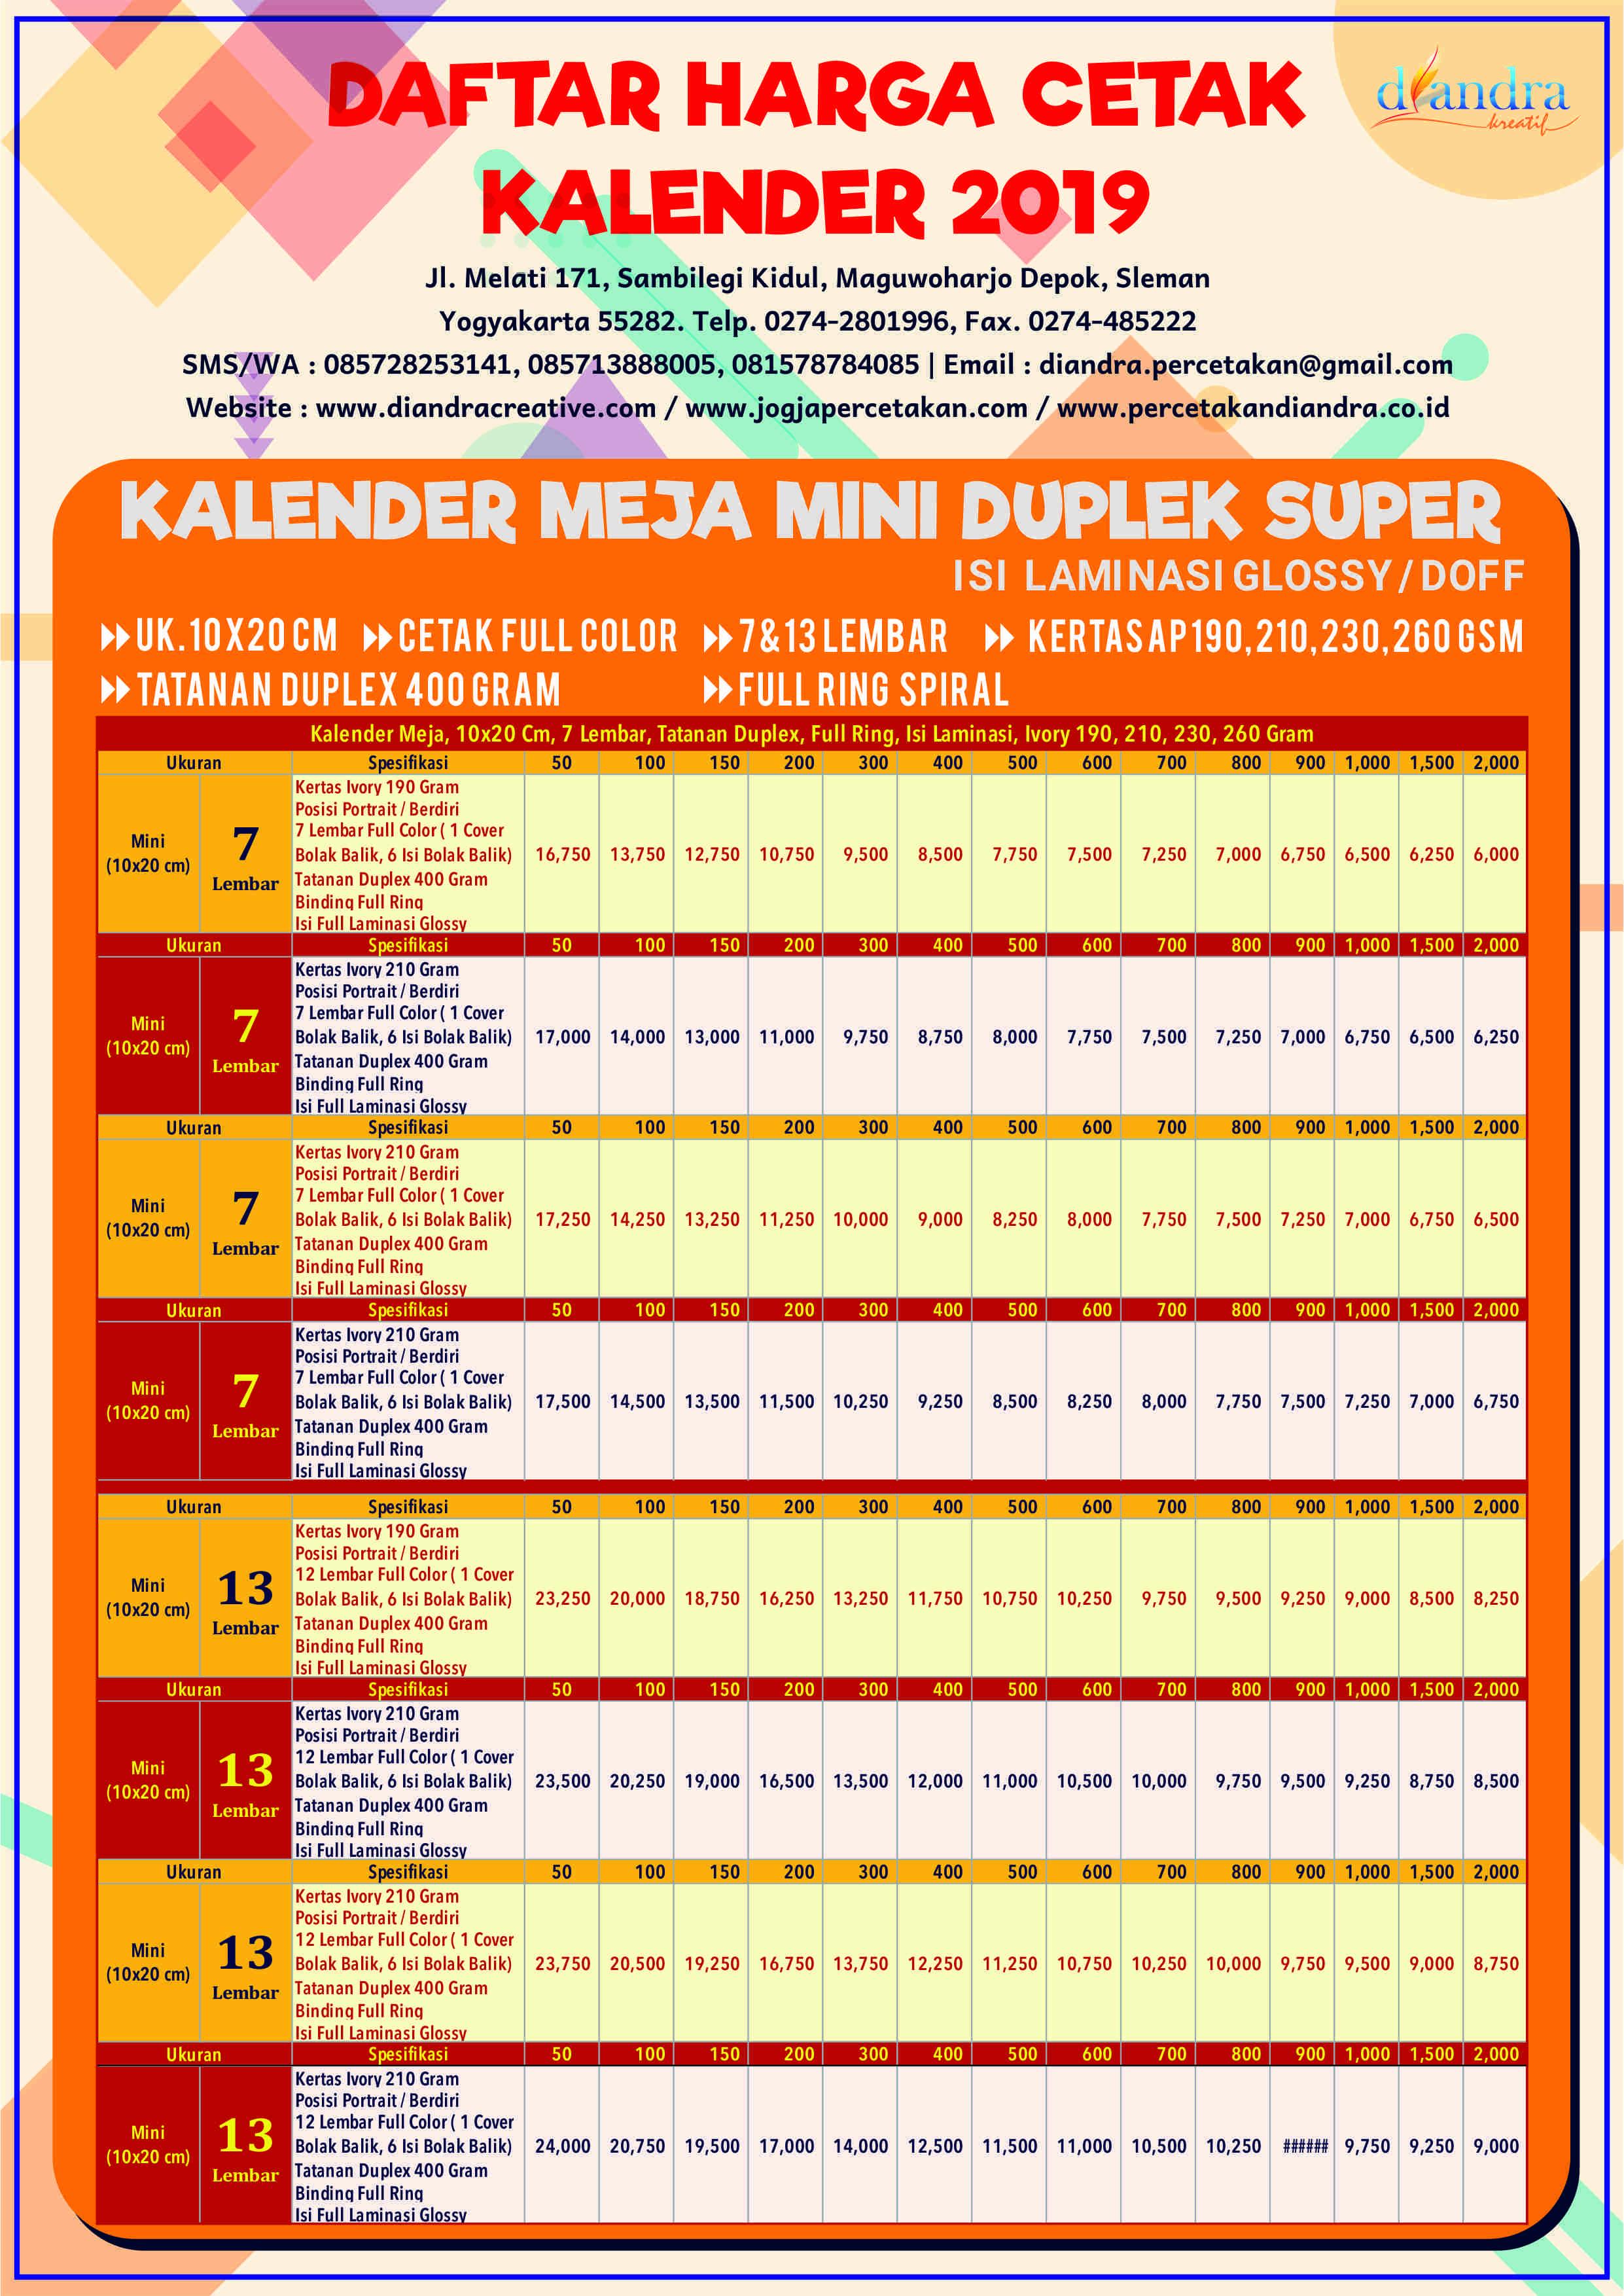 Kalender Meja Mini Duplex Super